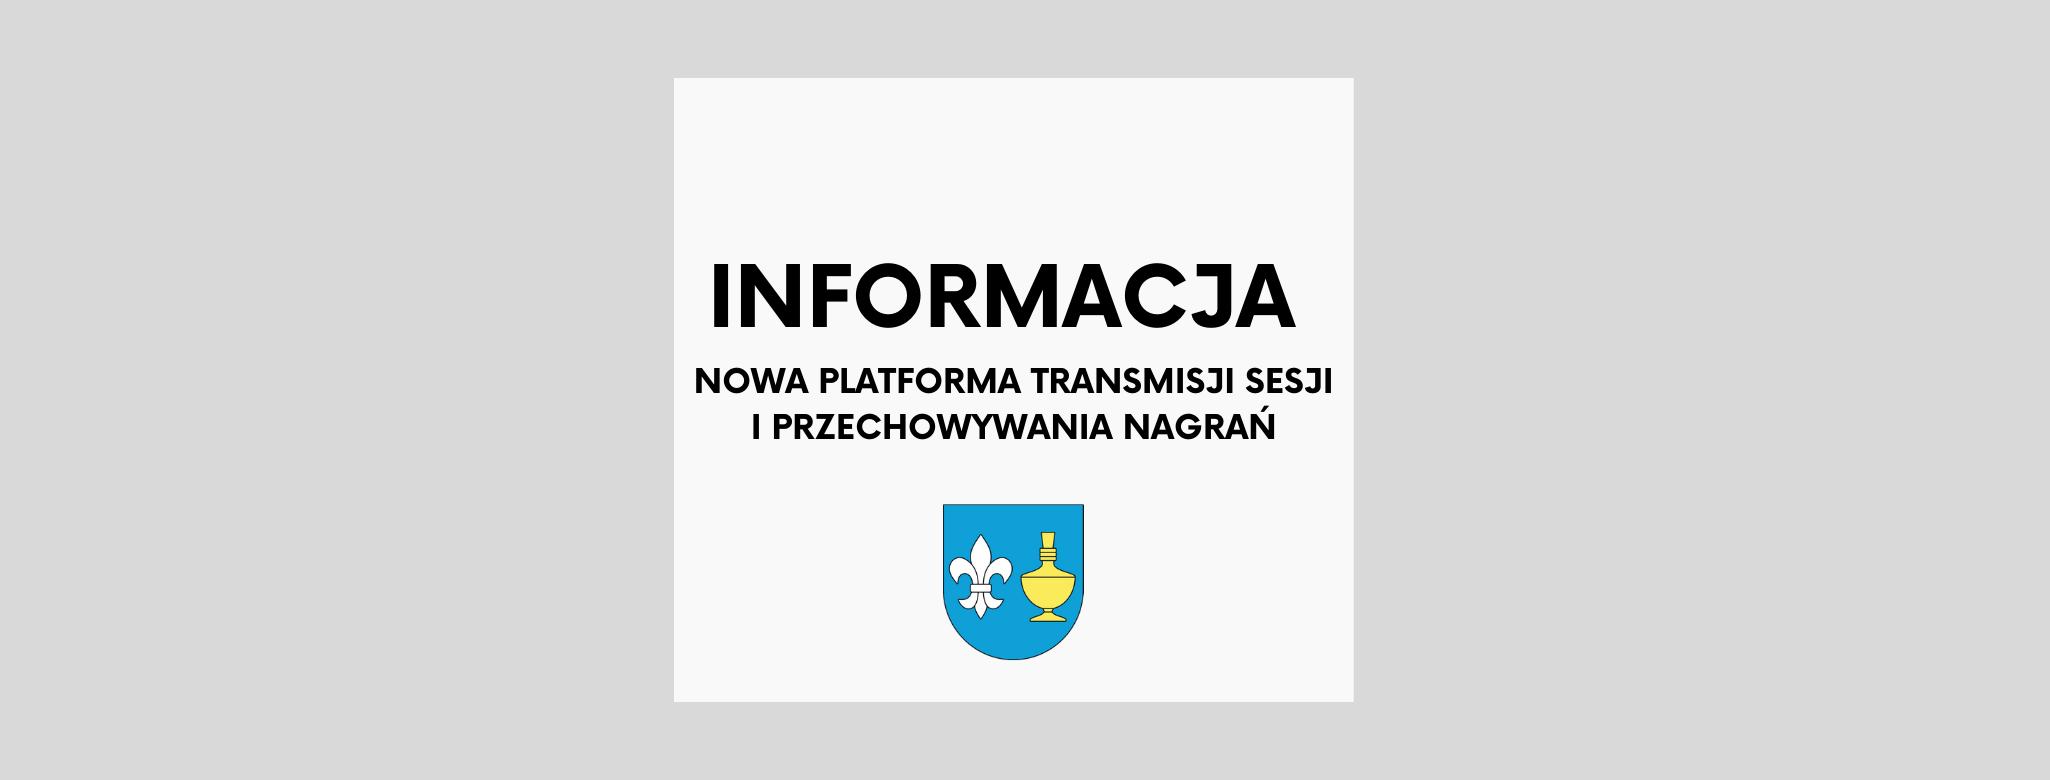 nagłówek graficzny o treści: informacja, nowa platforma transmisji sesji i przechowywania nagrań, pod napisem herb Gminy Koczała